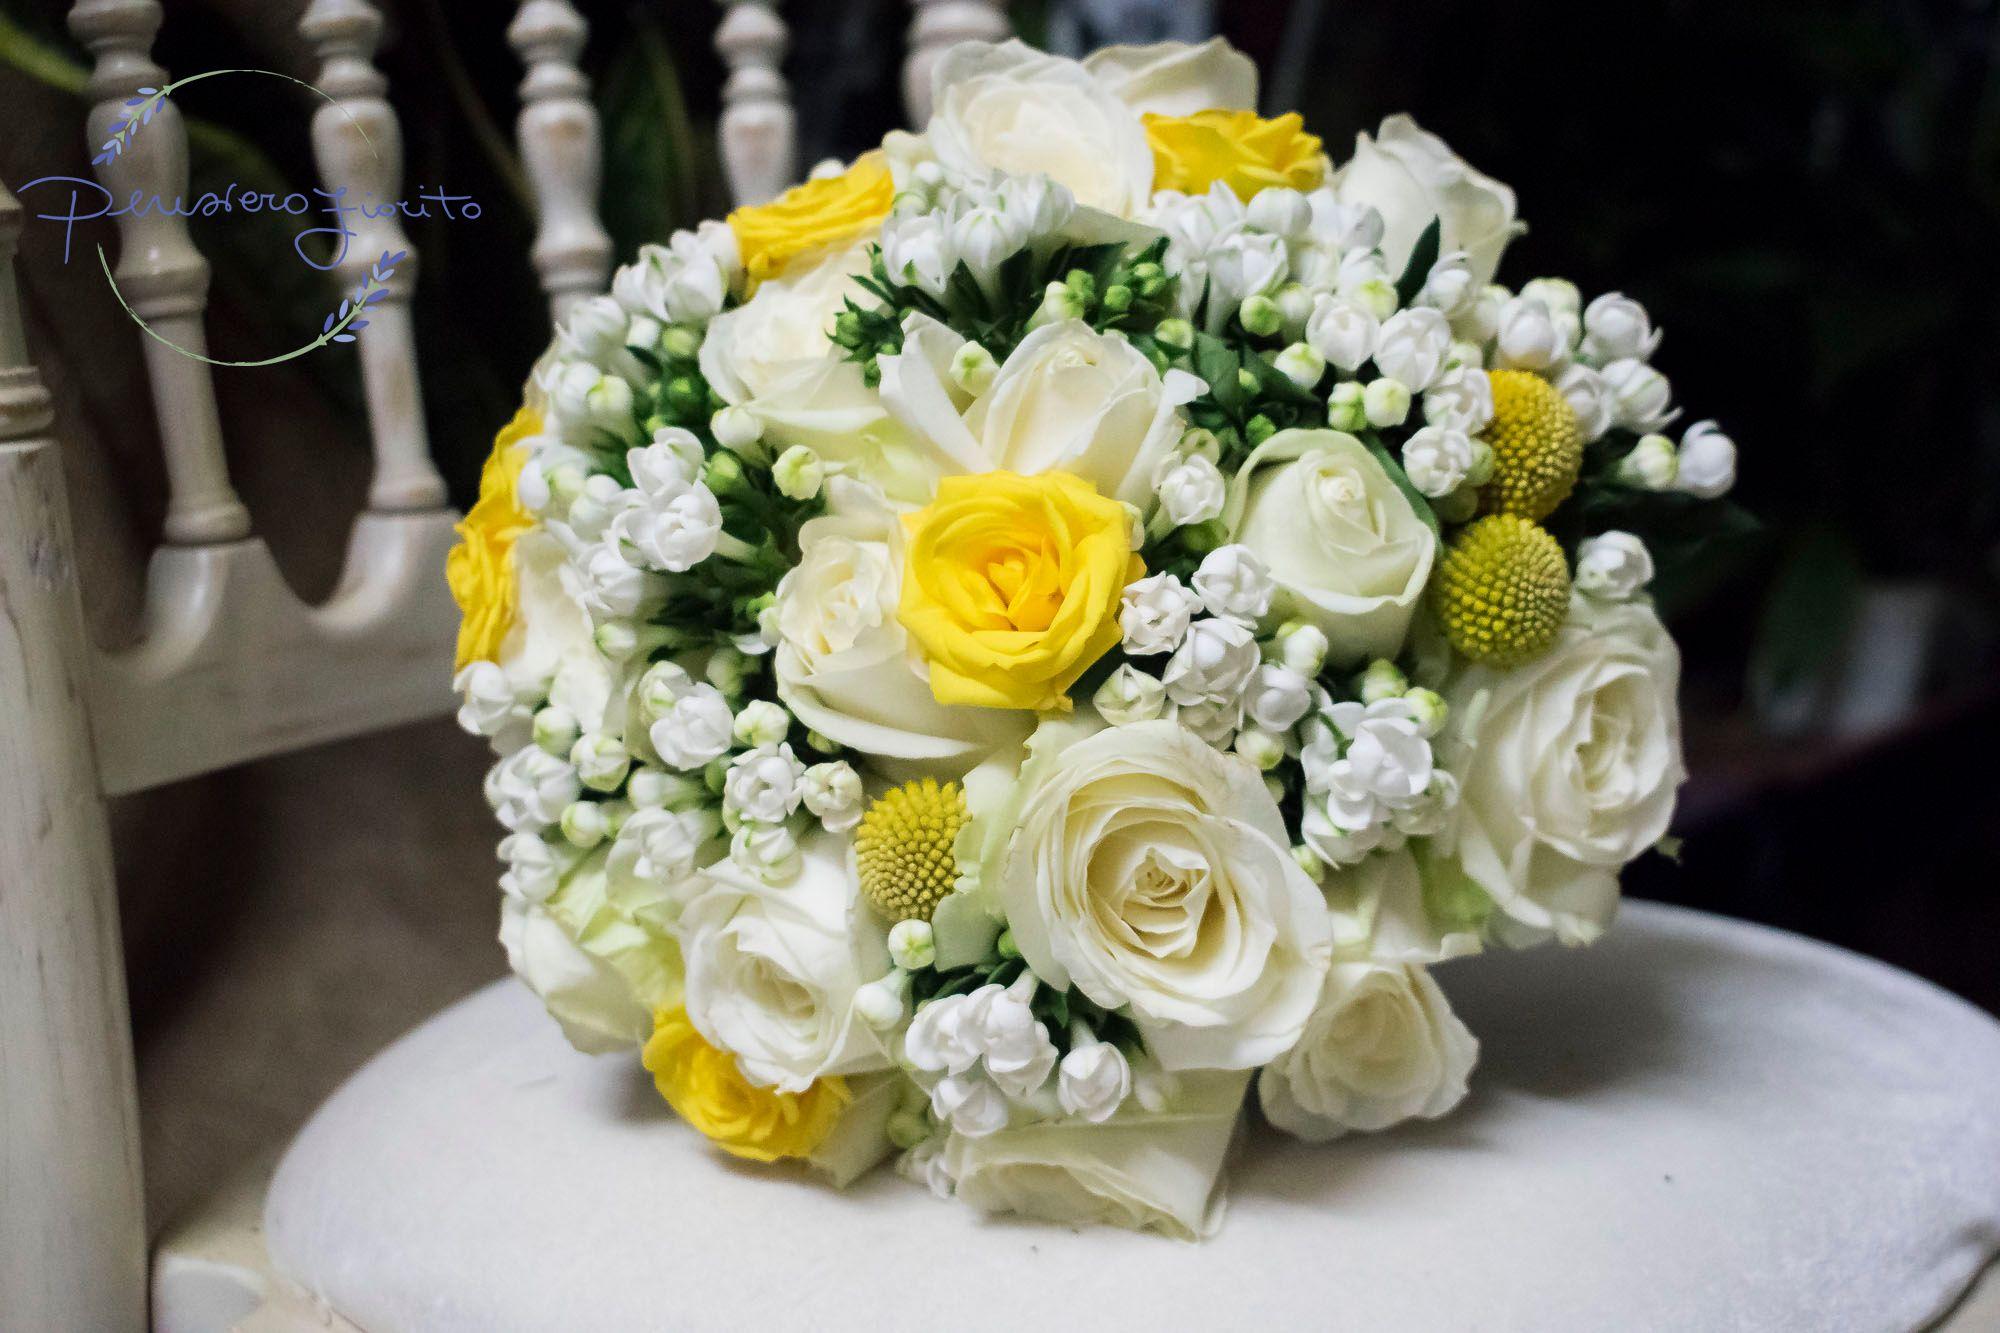 Bouquet Sposa Bianco E Giallo.Pin Su Bouquet Sposa